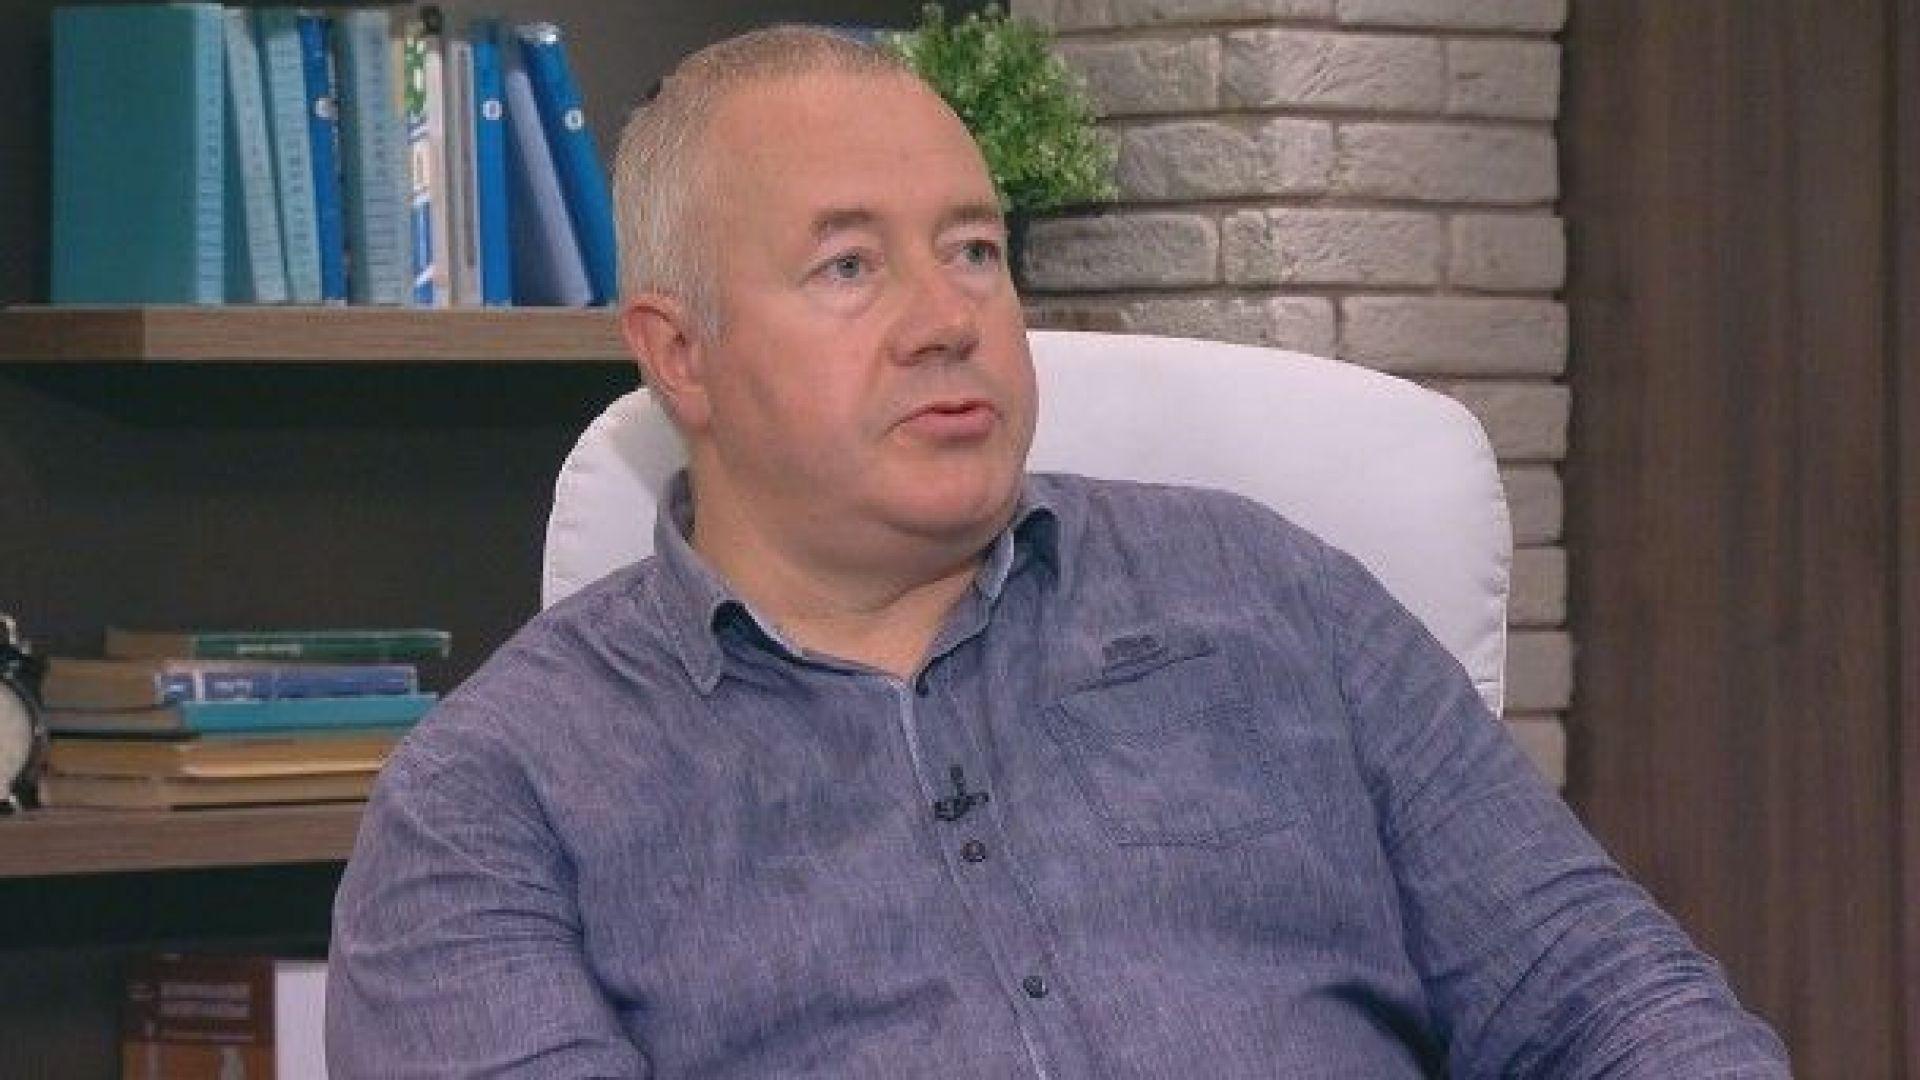 Харалан Александров за побоищата по улици и барове: Това е поведение на гетото